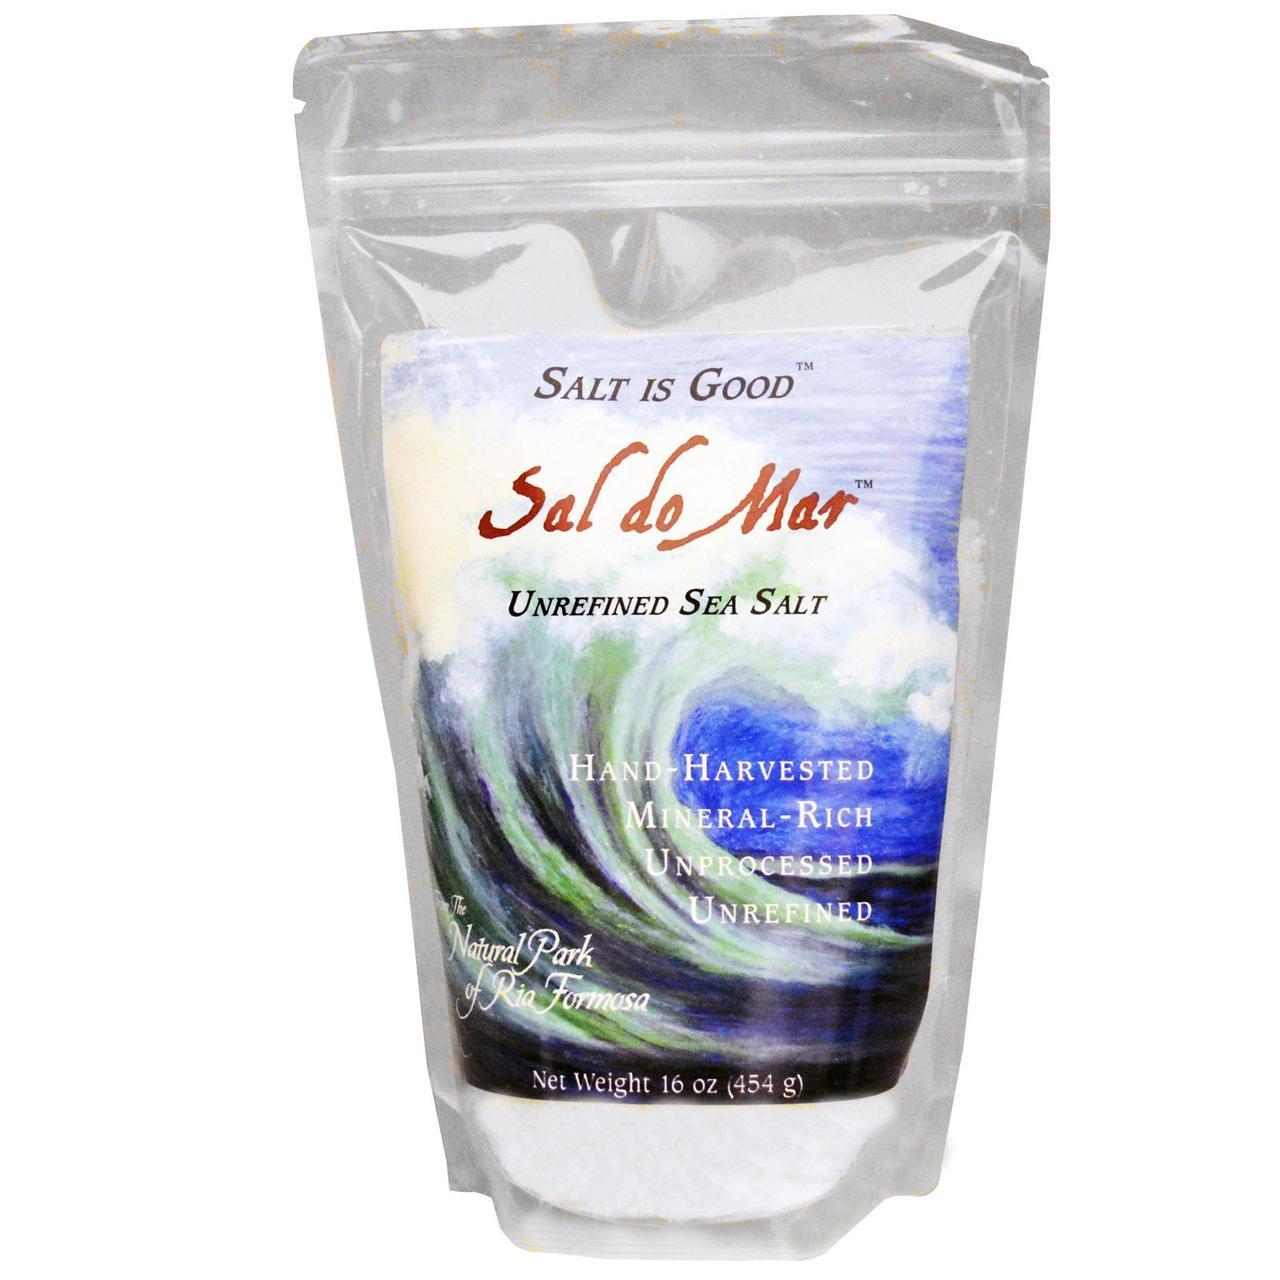 Нерафинированная морская соль Mate Factor, Sal do Mar, 454 г